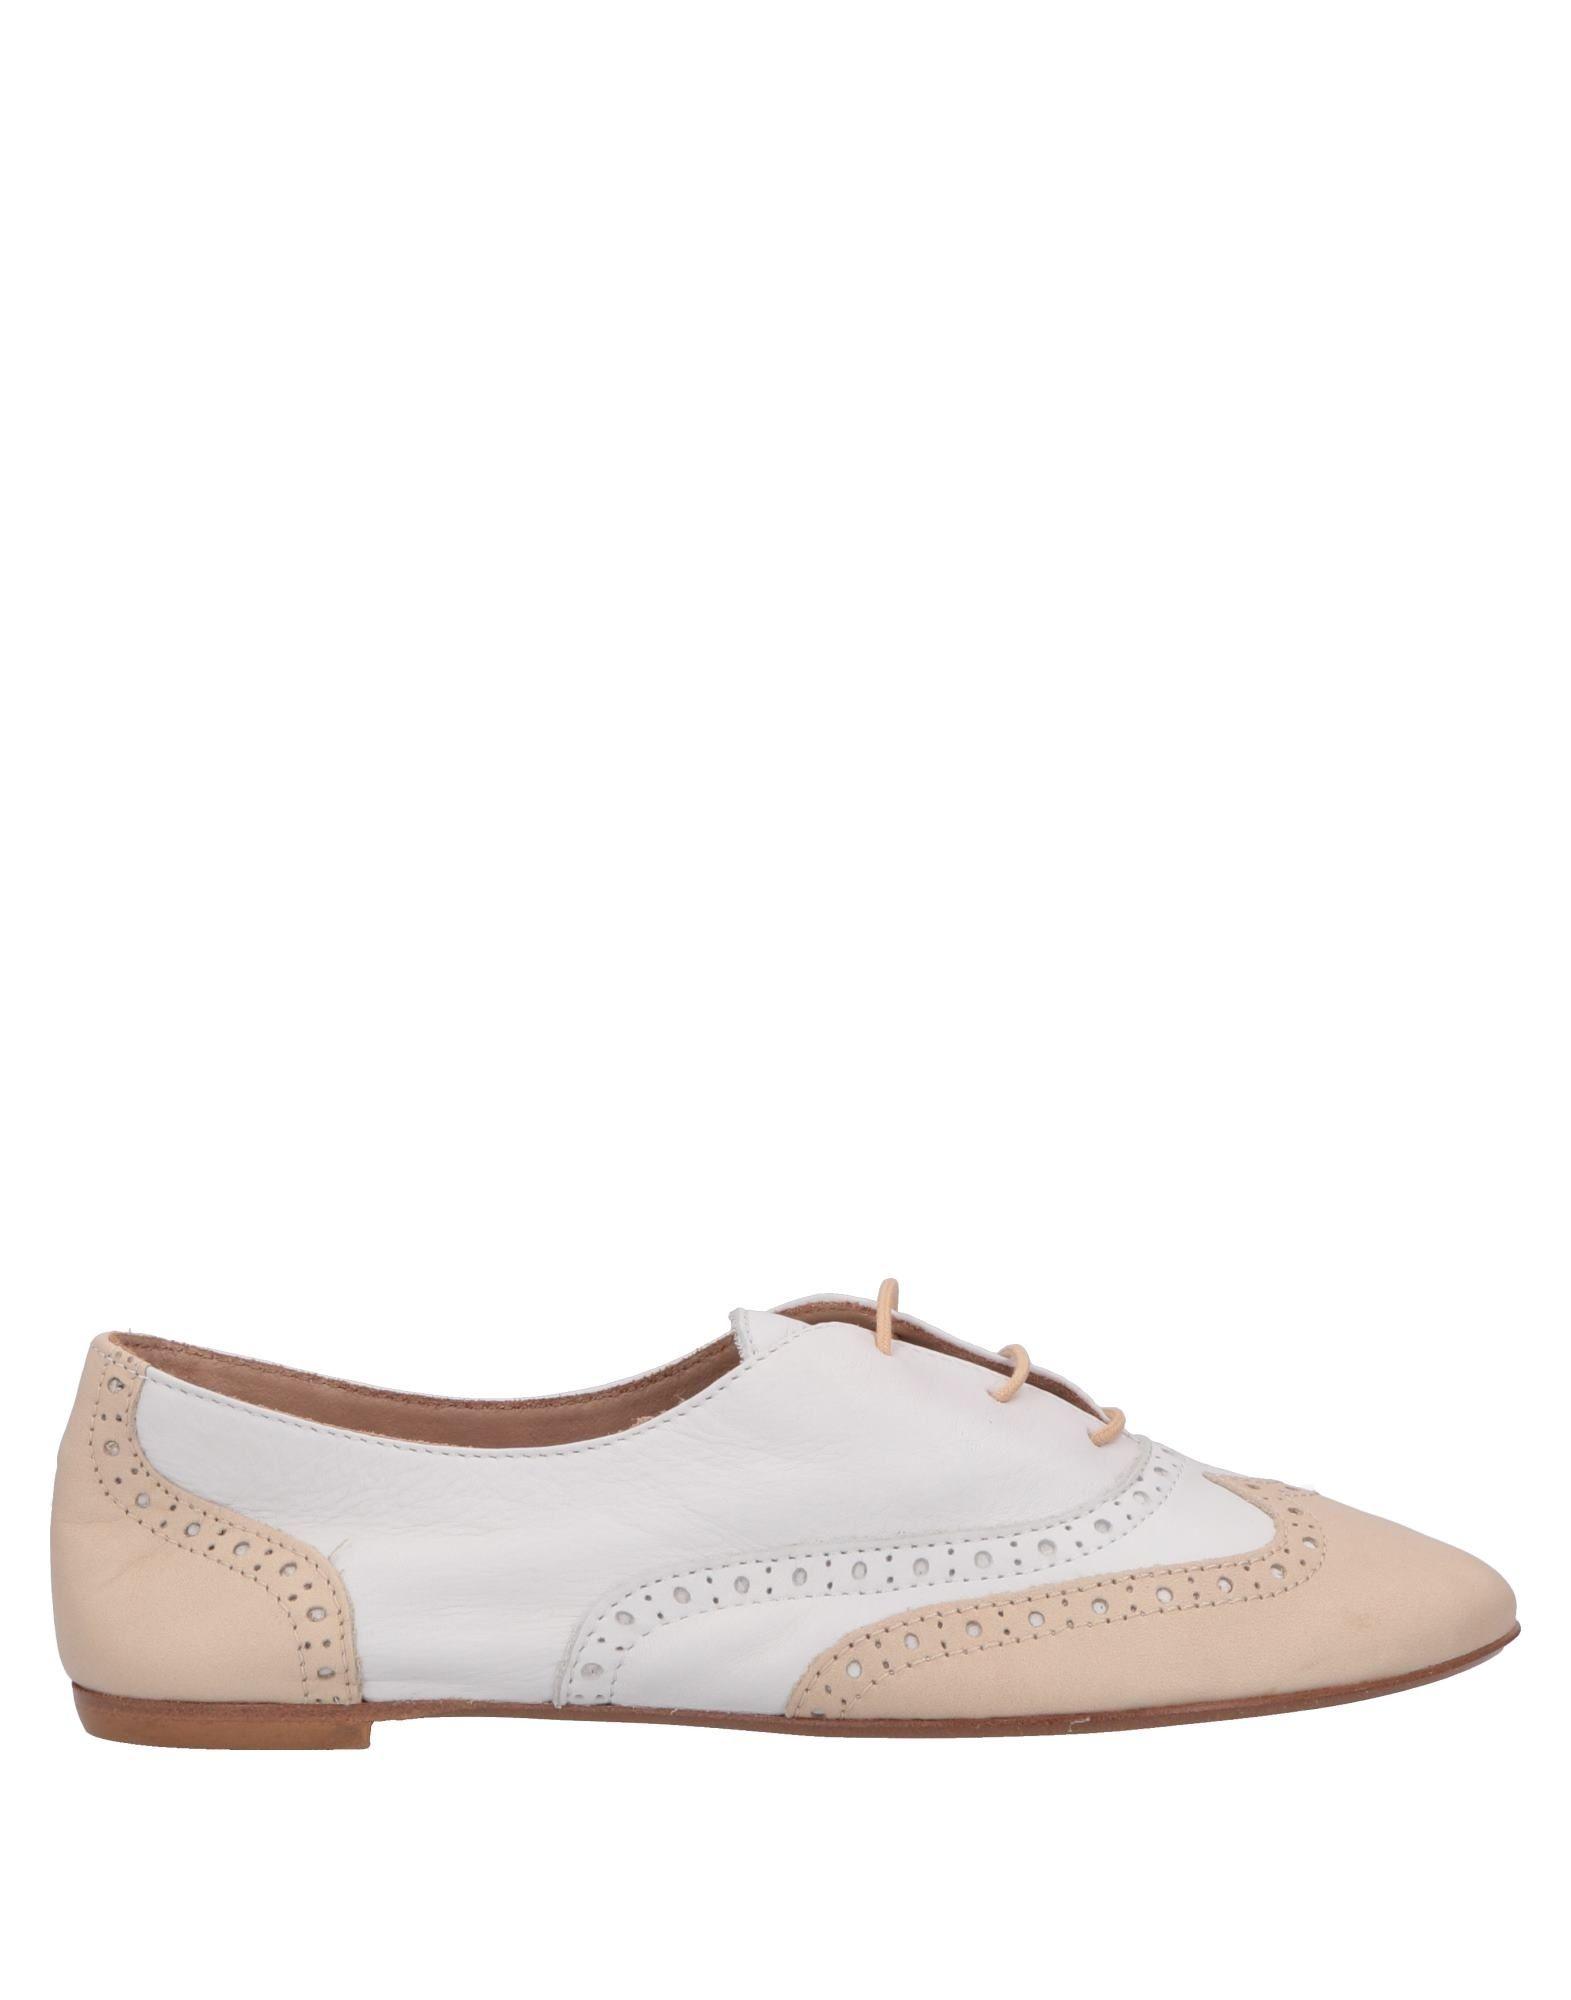 993 NOVE-NOVE-TRE Обувь на шнурках erodoto alicarnasseo le nove muse t 2